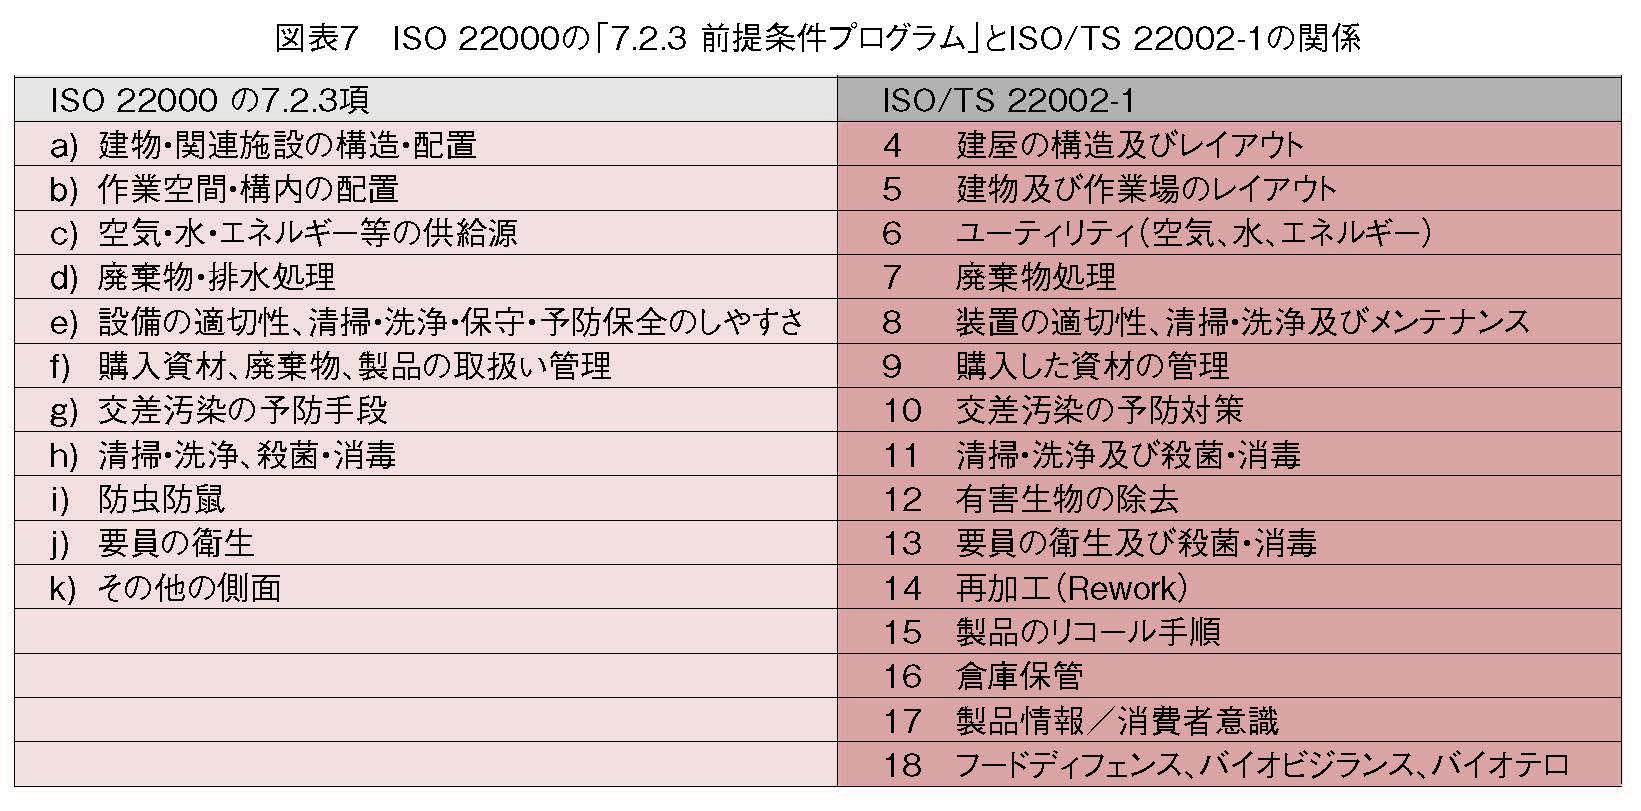 ISO 22000の「7.2.3 前提条件プログラム」とISO/TS 22002-1の関係